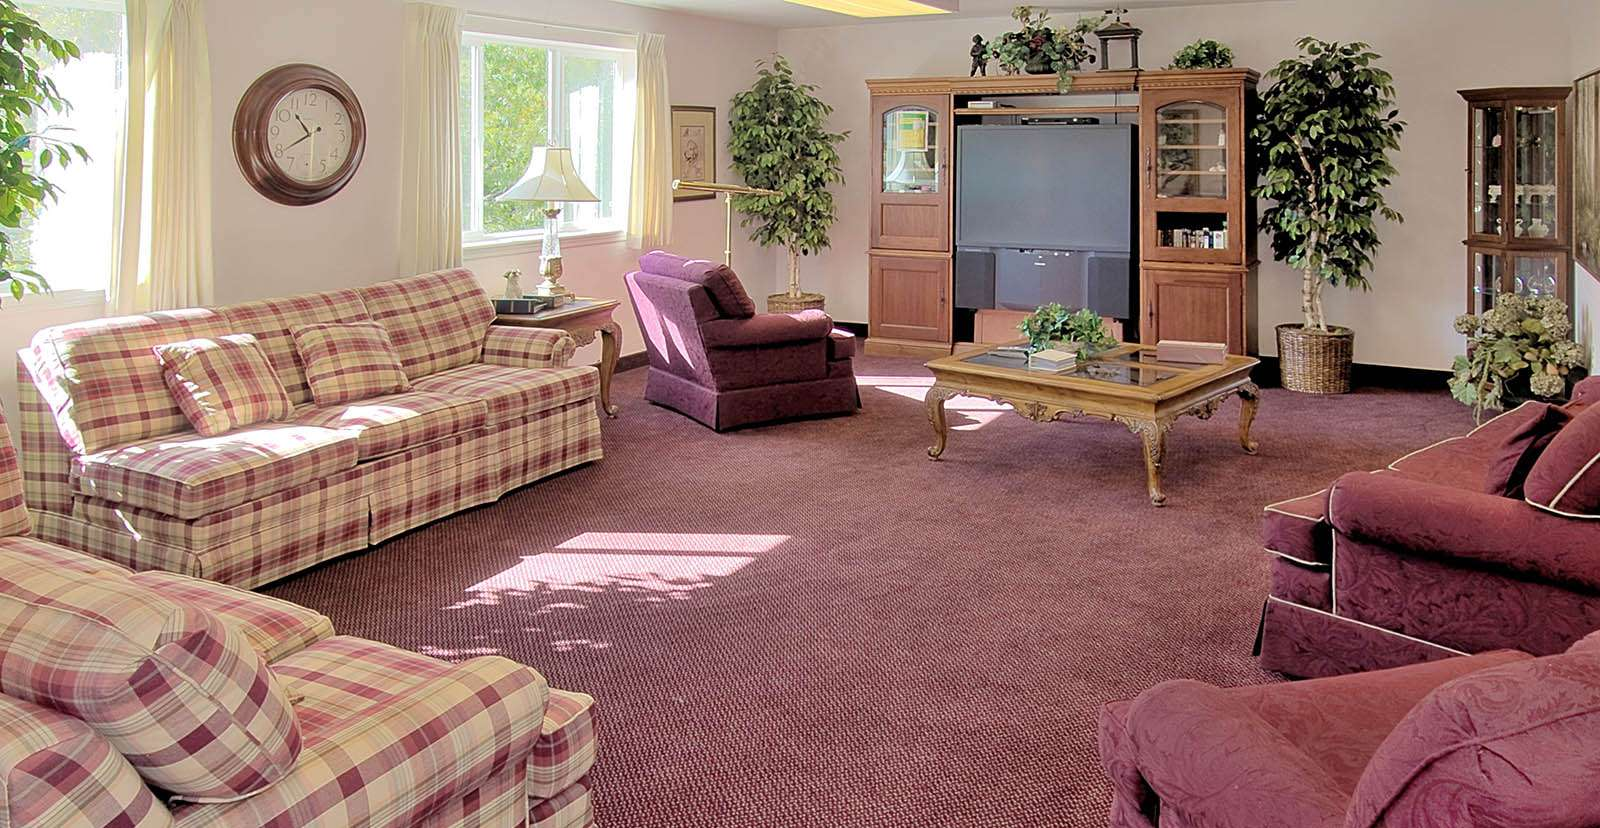 Washington Commons image 7